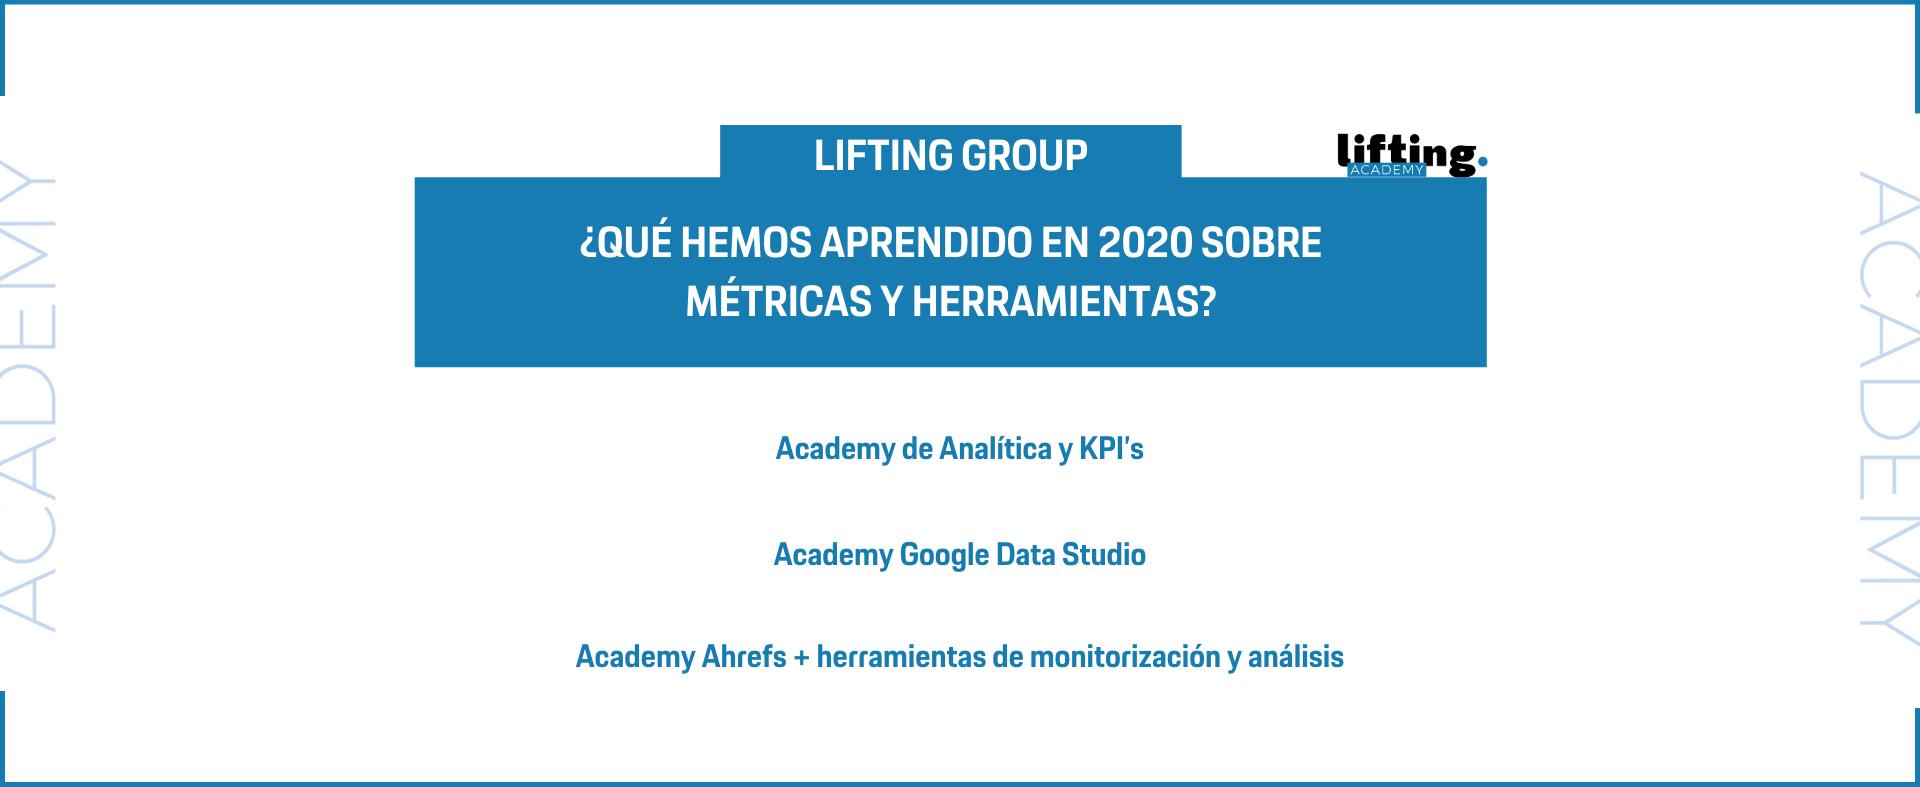 Lifting Academy. ¿Qué hemos aprendido en el 2020 sobre métricas y herramientas?